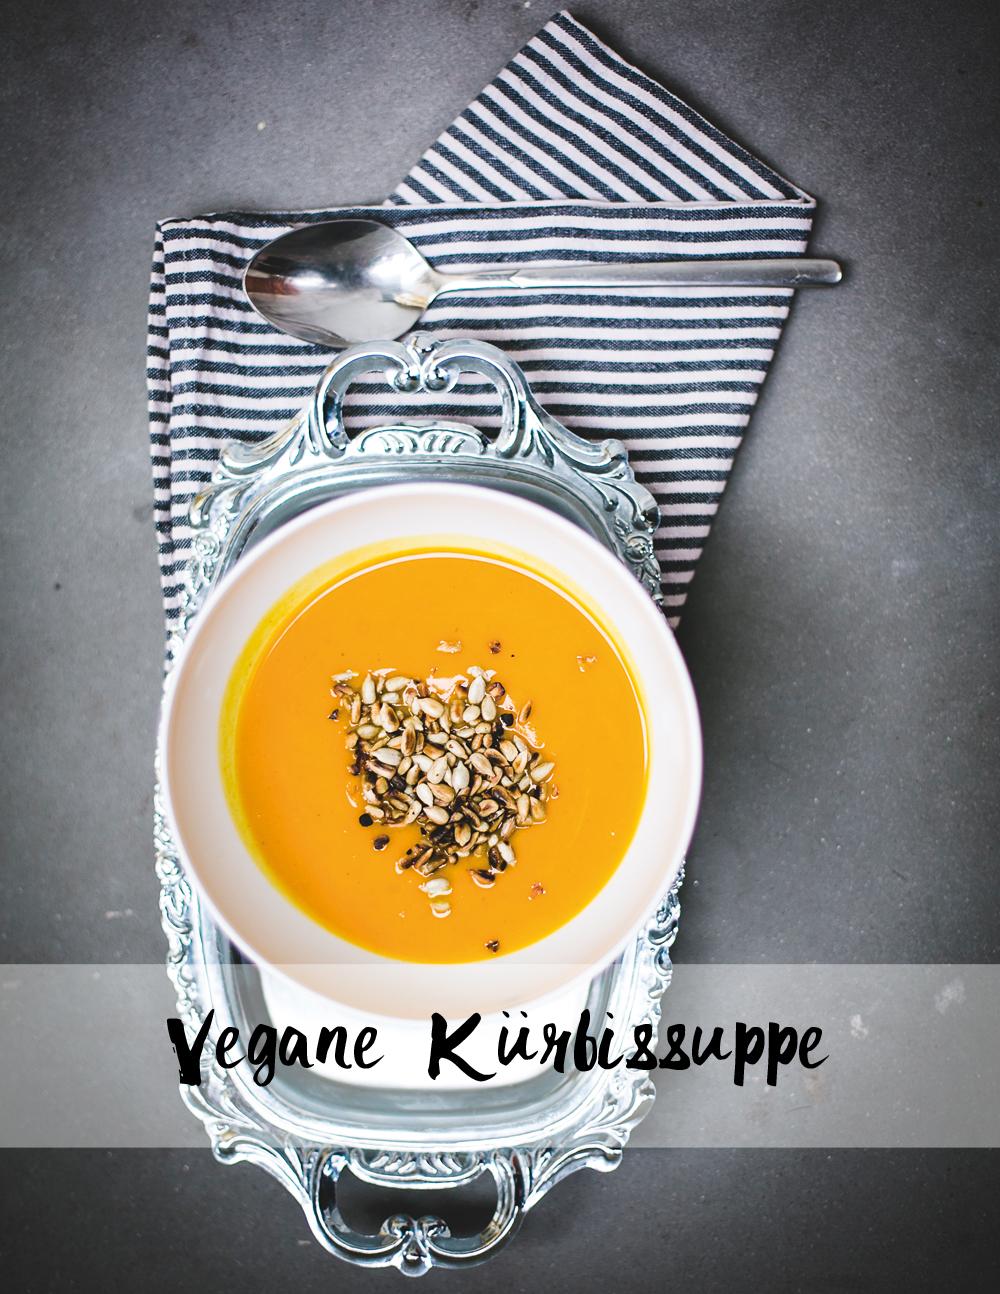 Vegane Kürbissuppe